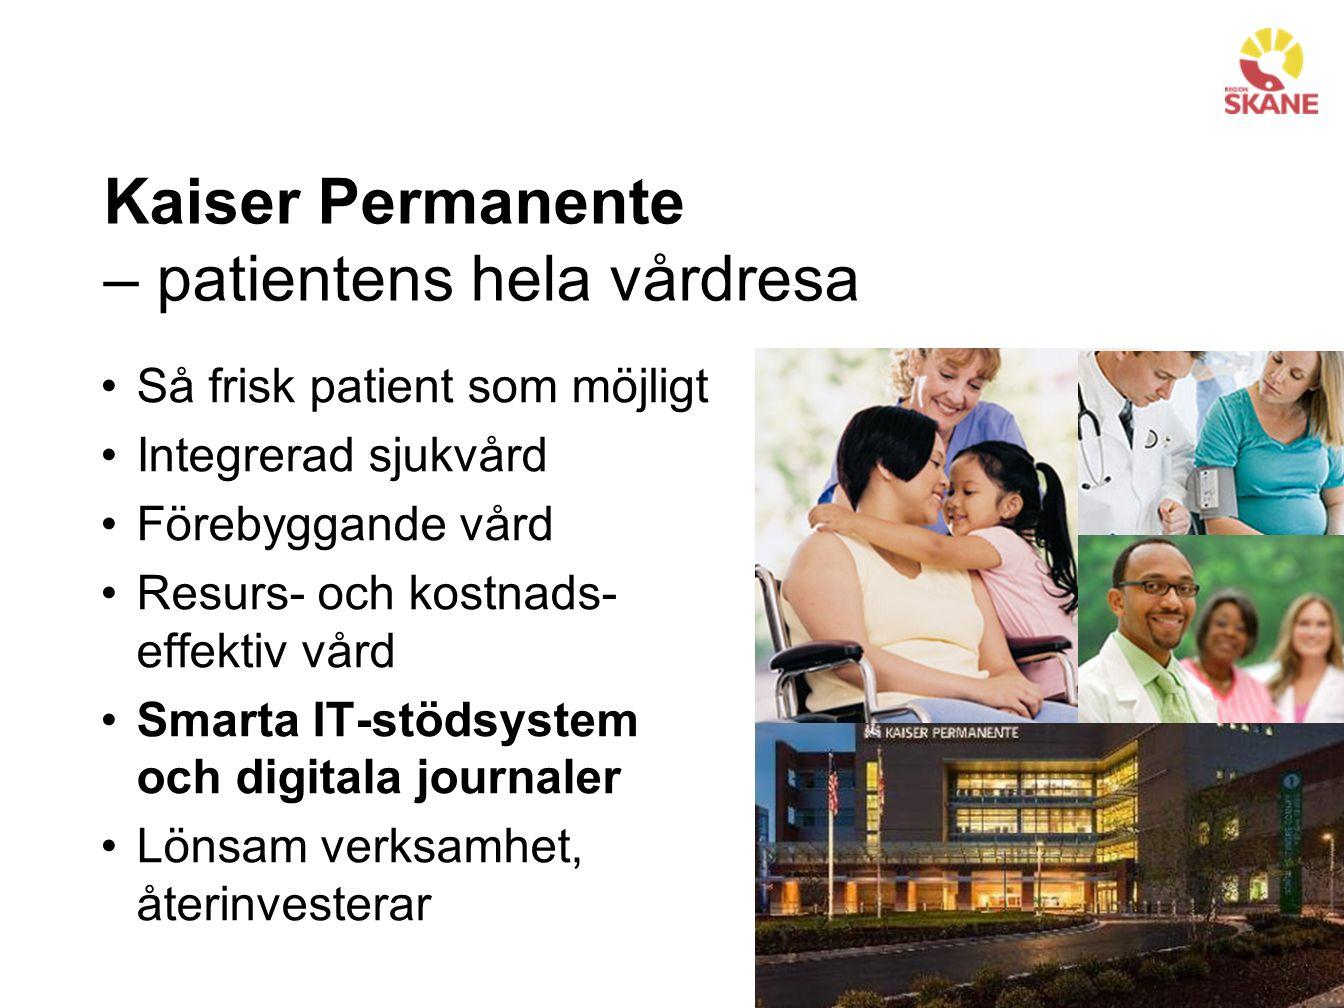 Kaiser Permanente – patientens hela vårdresa Så frisk patient som möjligt Integrerad sjukvård Förebyggande vård Resurs- och kostnads- effektiv vård Smarta IT-stödsystem och digitala journaler Lönsam verksamhet, återinvesterar